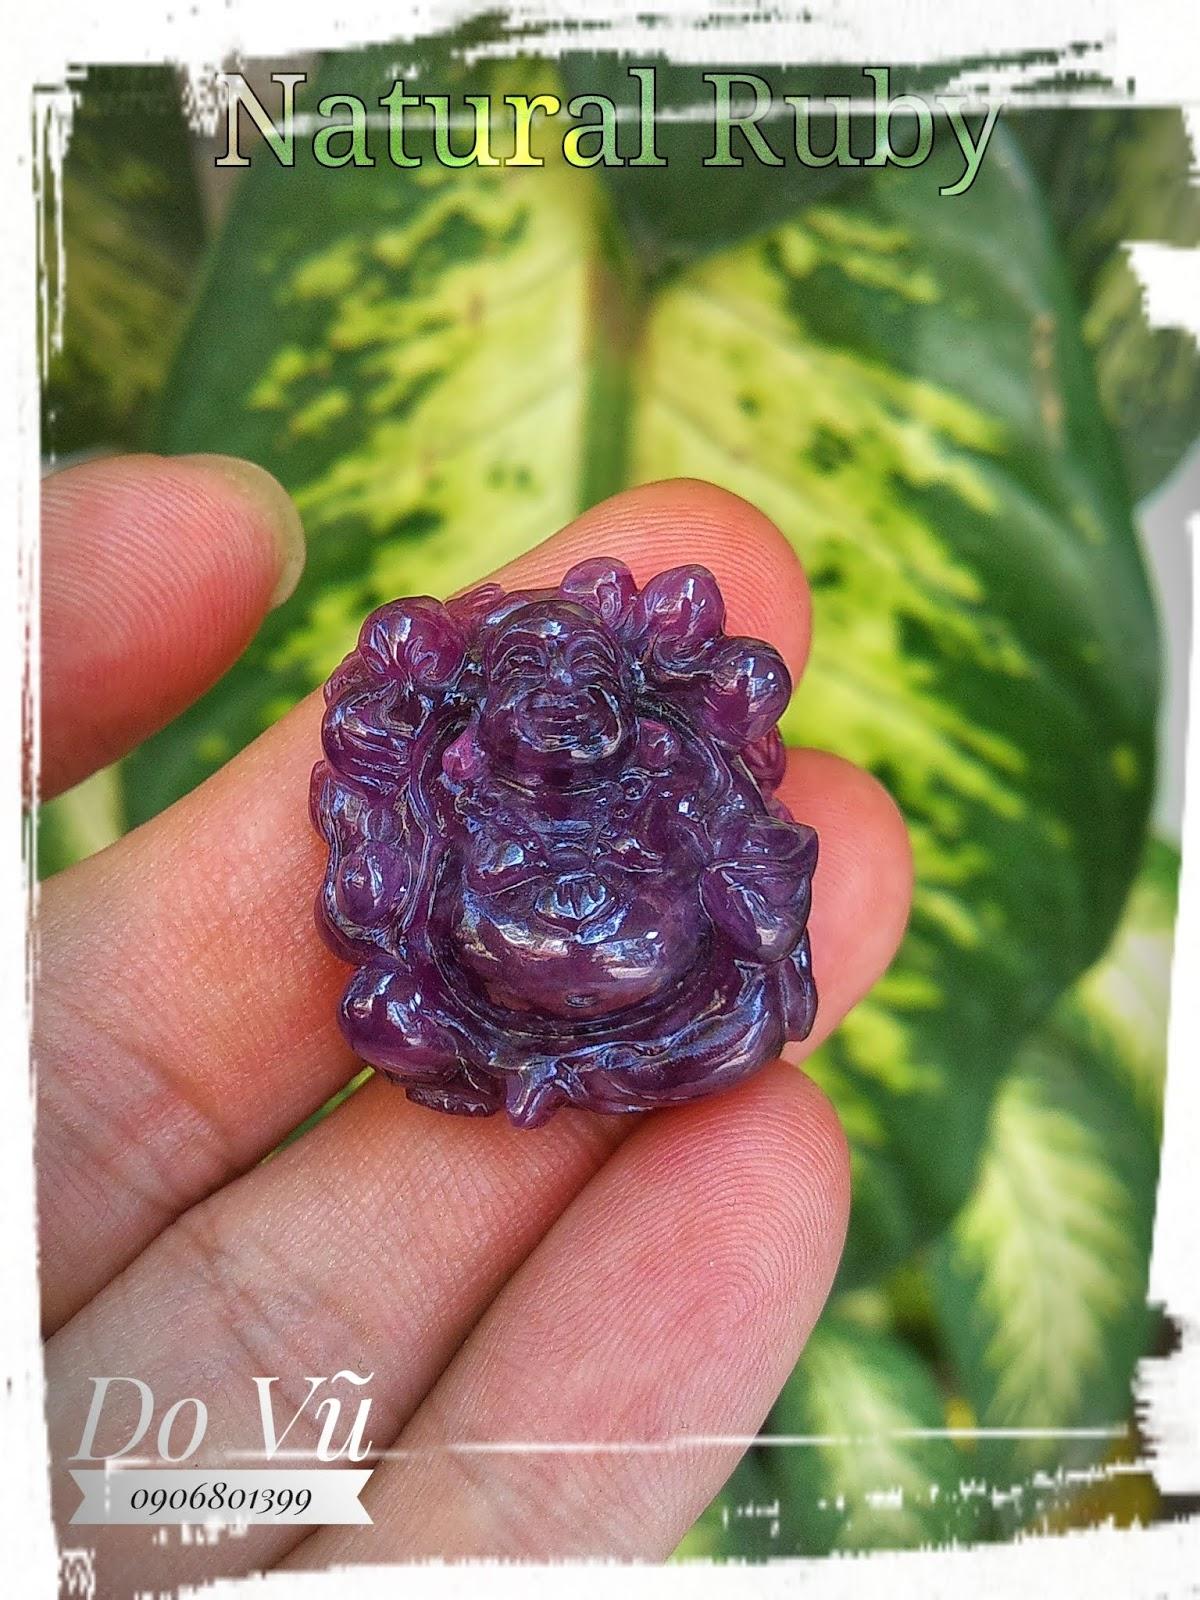 Cụ Di Lạc Sapphire thiên nhiên chạm duyên chất ngọc (20/04/20, 02)